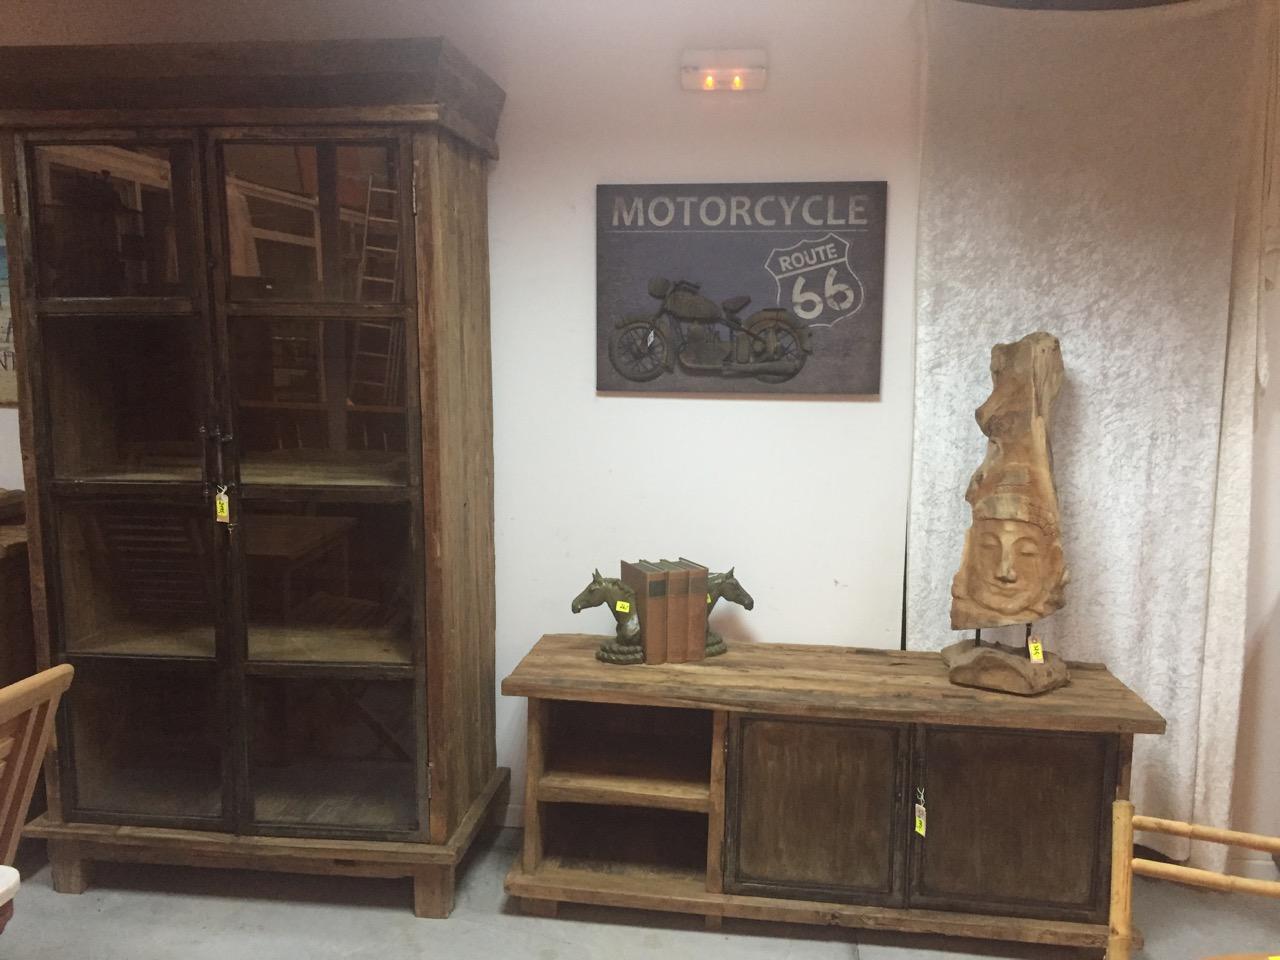 Rustikale Teakholz Schränke mit Metall Türen - Teakshop Llucmajor